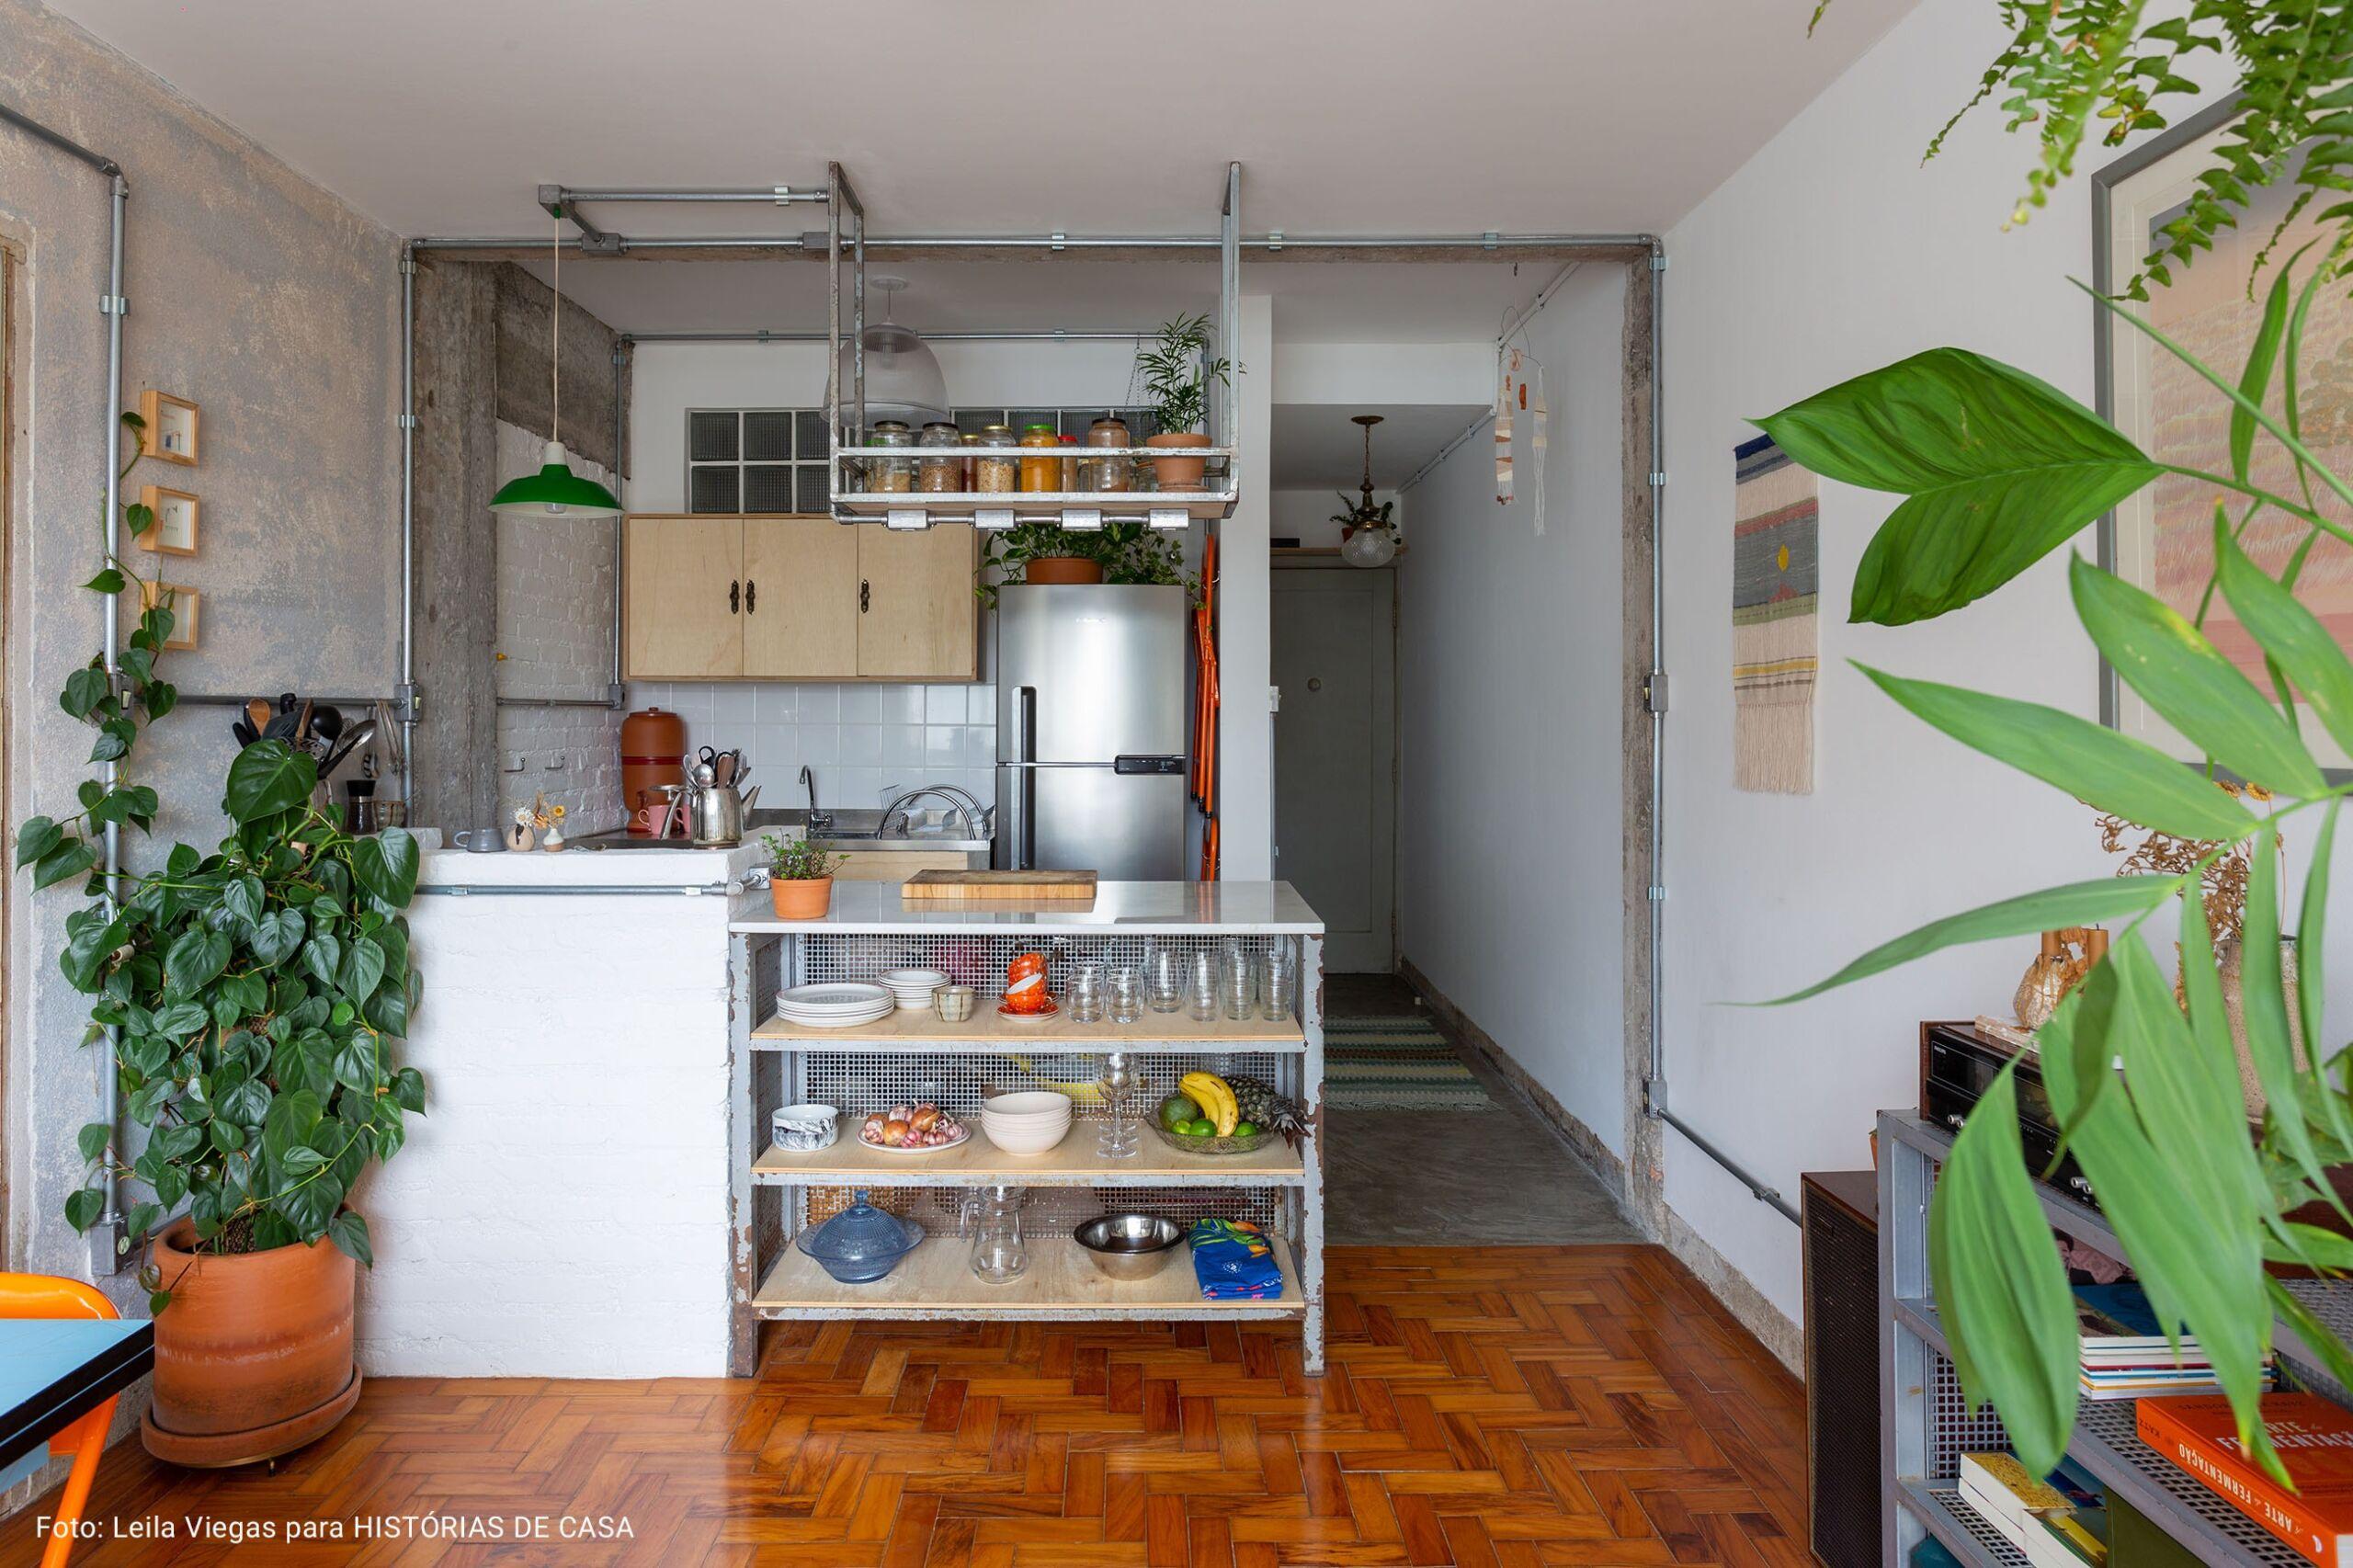 cozinha integrada com prateleiras expostas